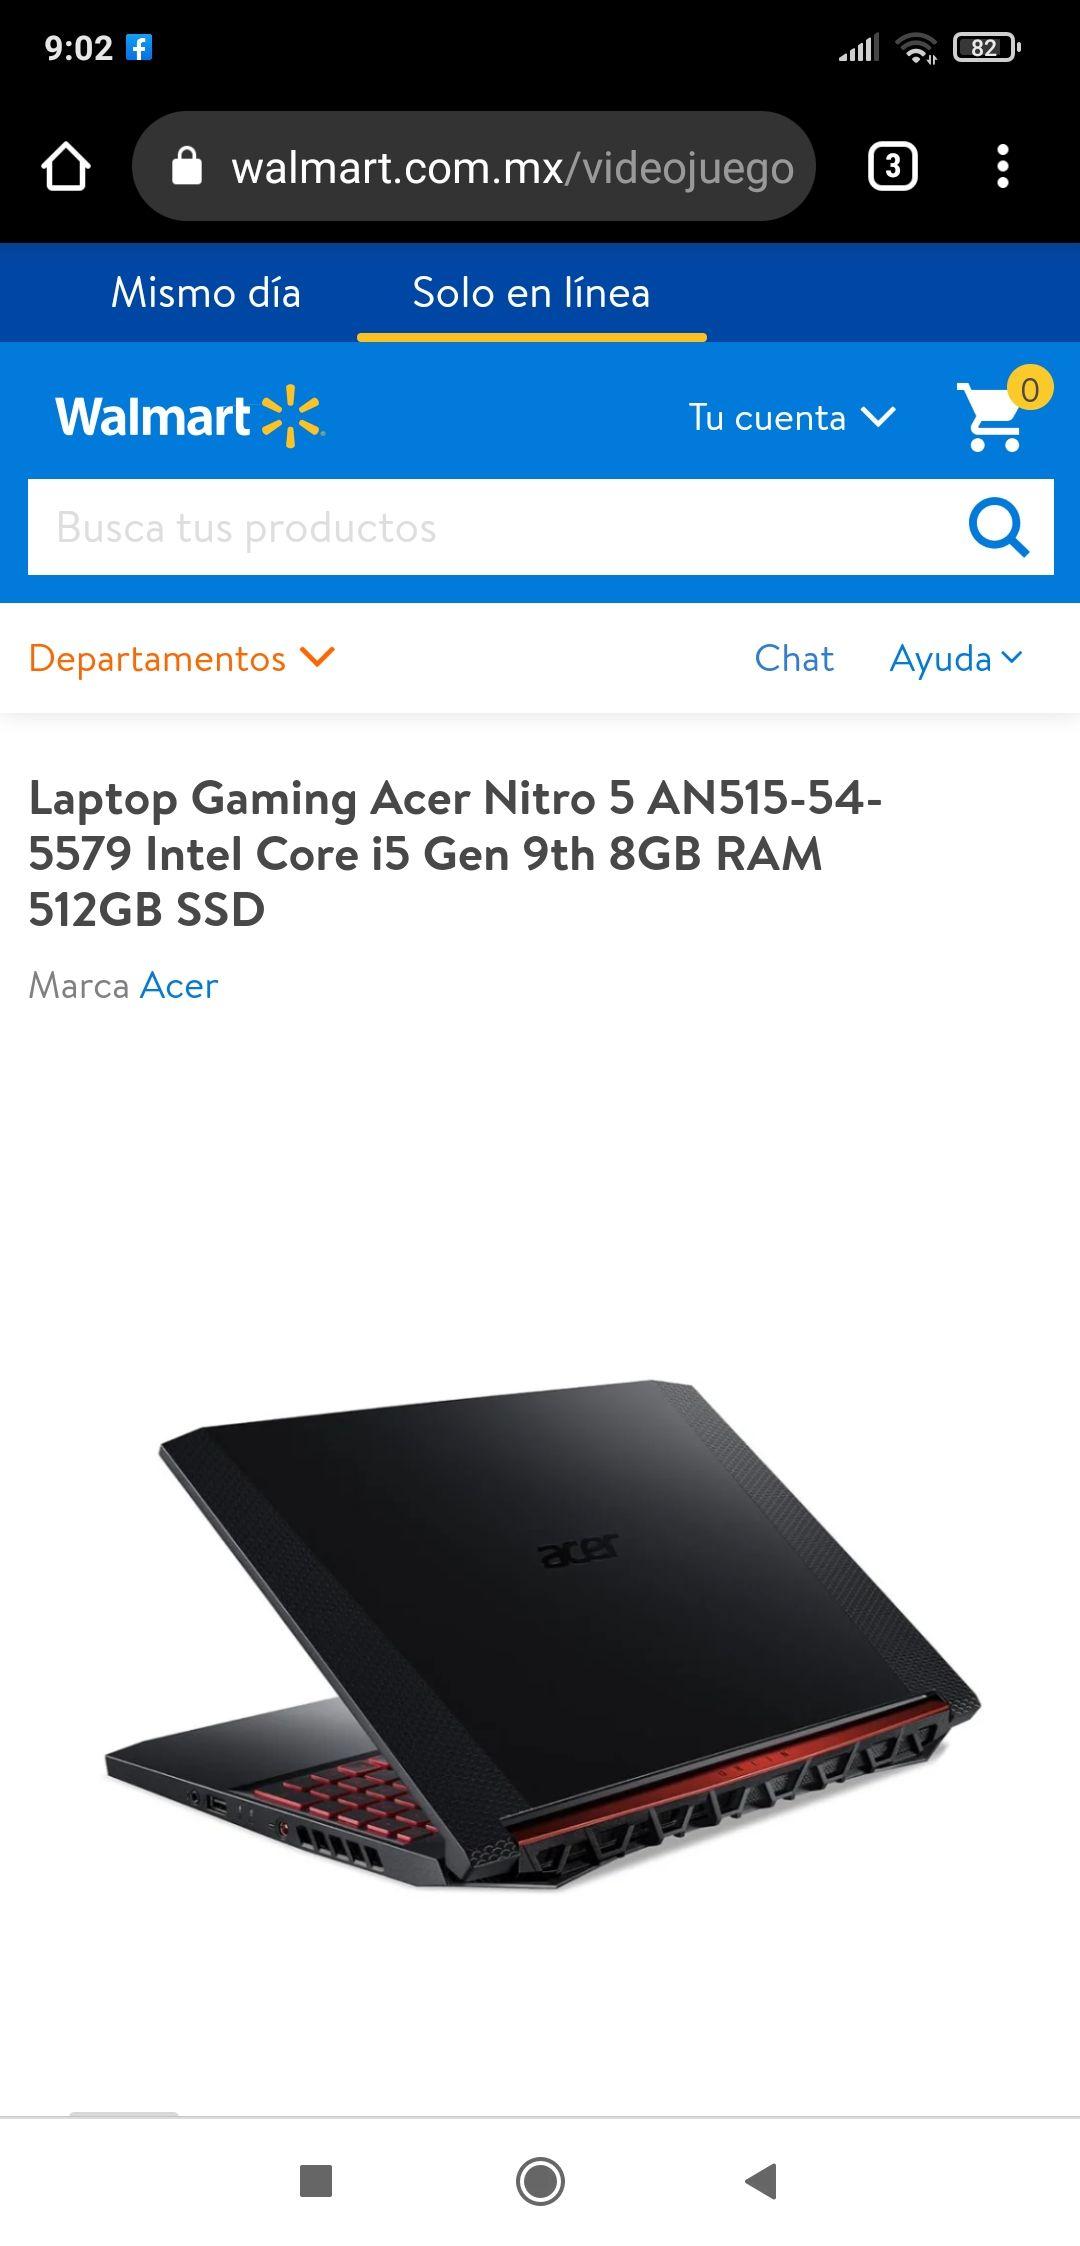 Walmart, Laptop Gaming Acer Nitro 5